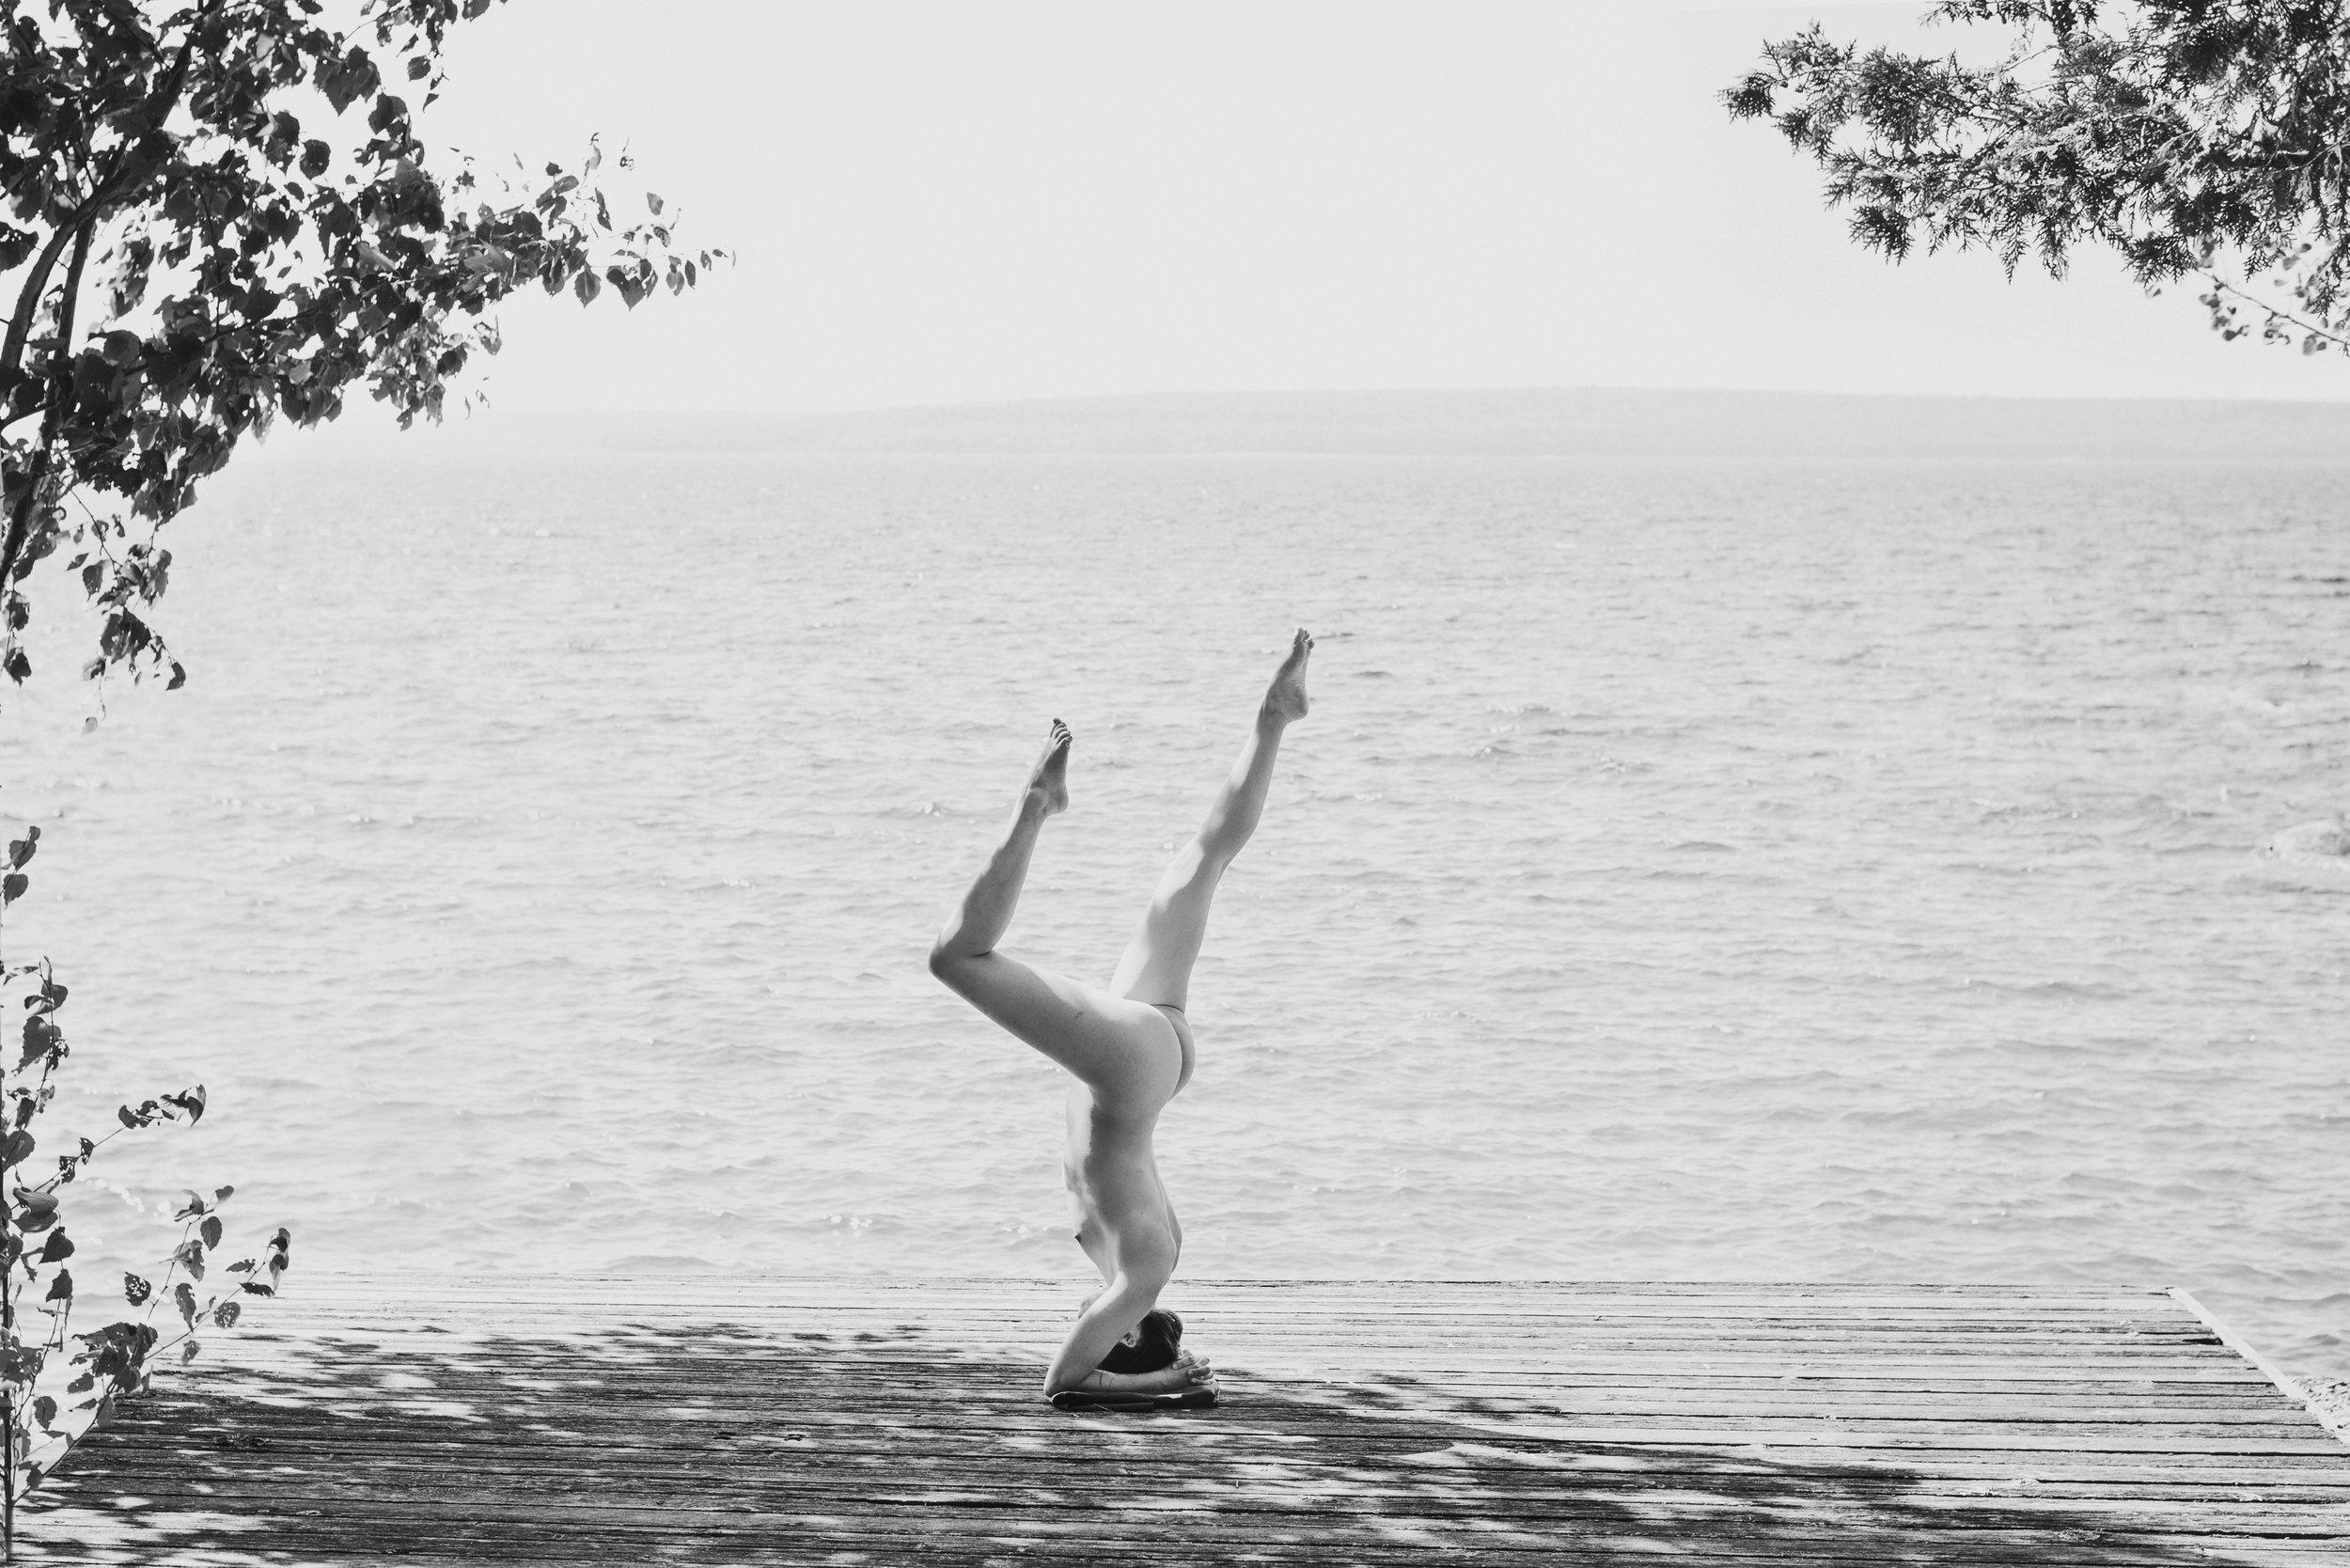 Scandaleuse-Photography-Tiny-Ontario-Toronto